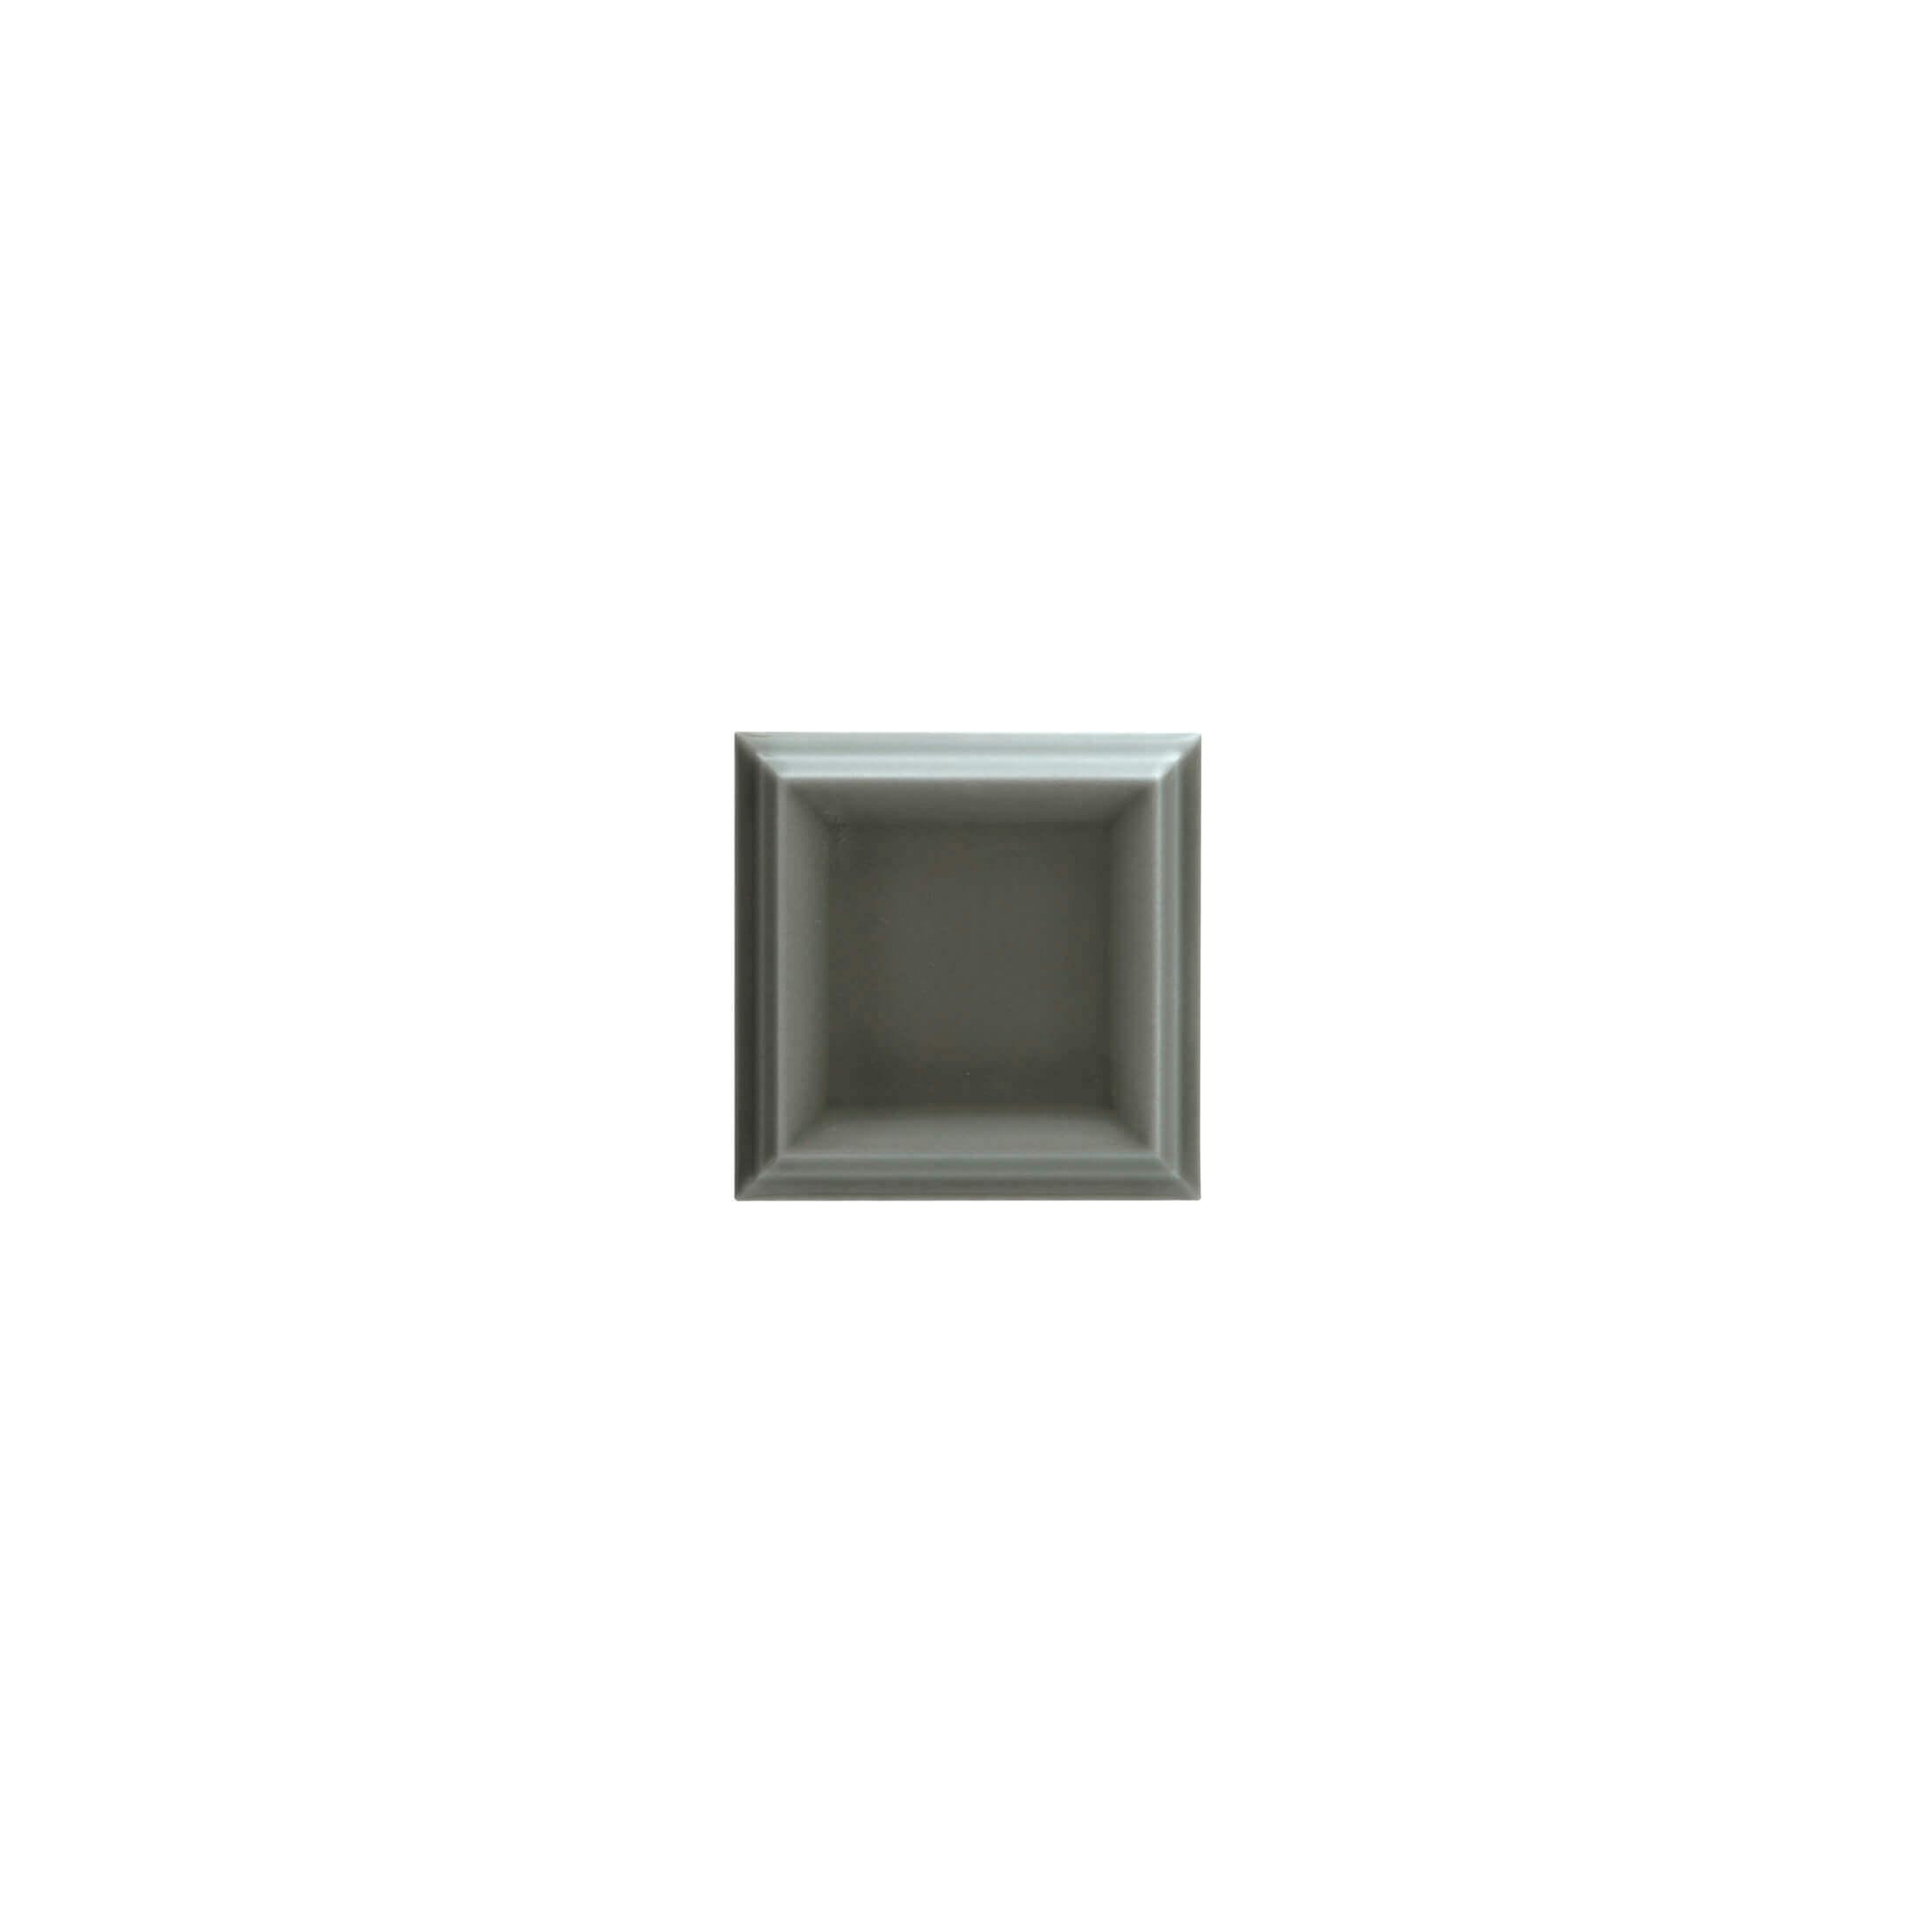 ADST1075 - LISO FRAMED - 7.3 cm X 7.3 cm